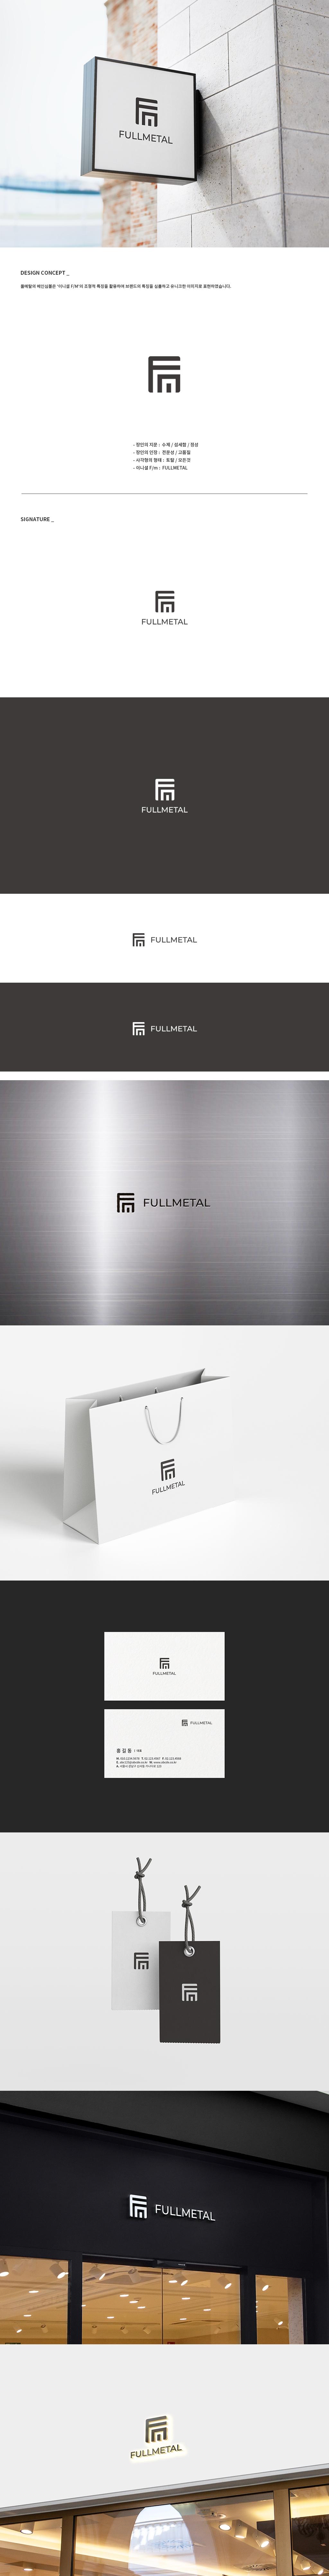 로고+명함 디자인   메탈 인테리어소품 제작 업체 로고 의뢰   라우드소싱 포트폴리오